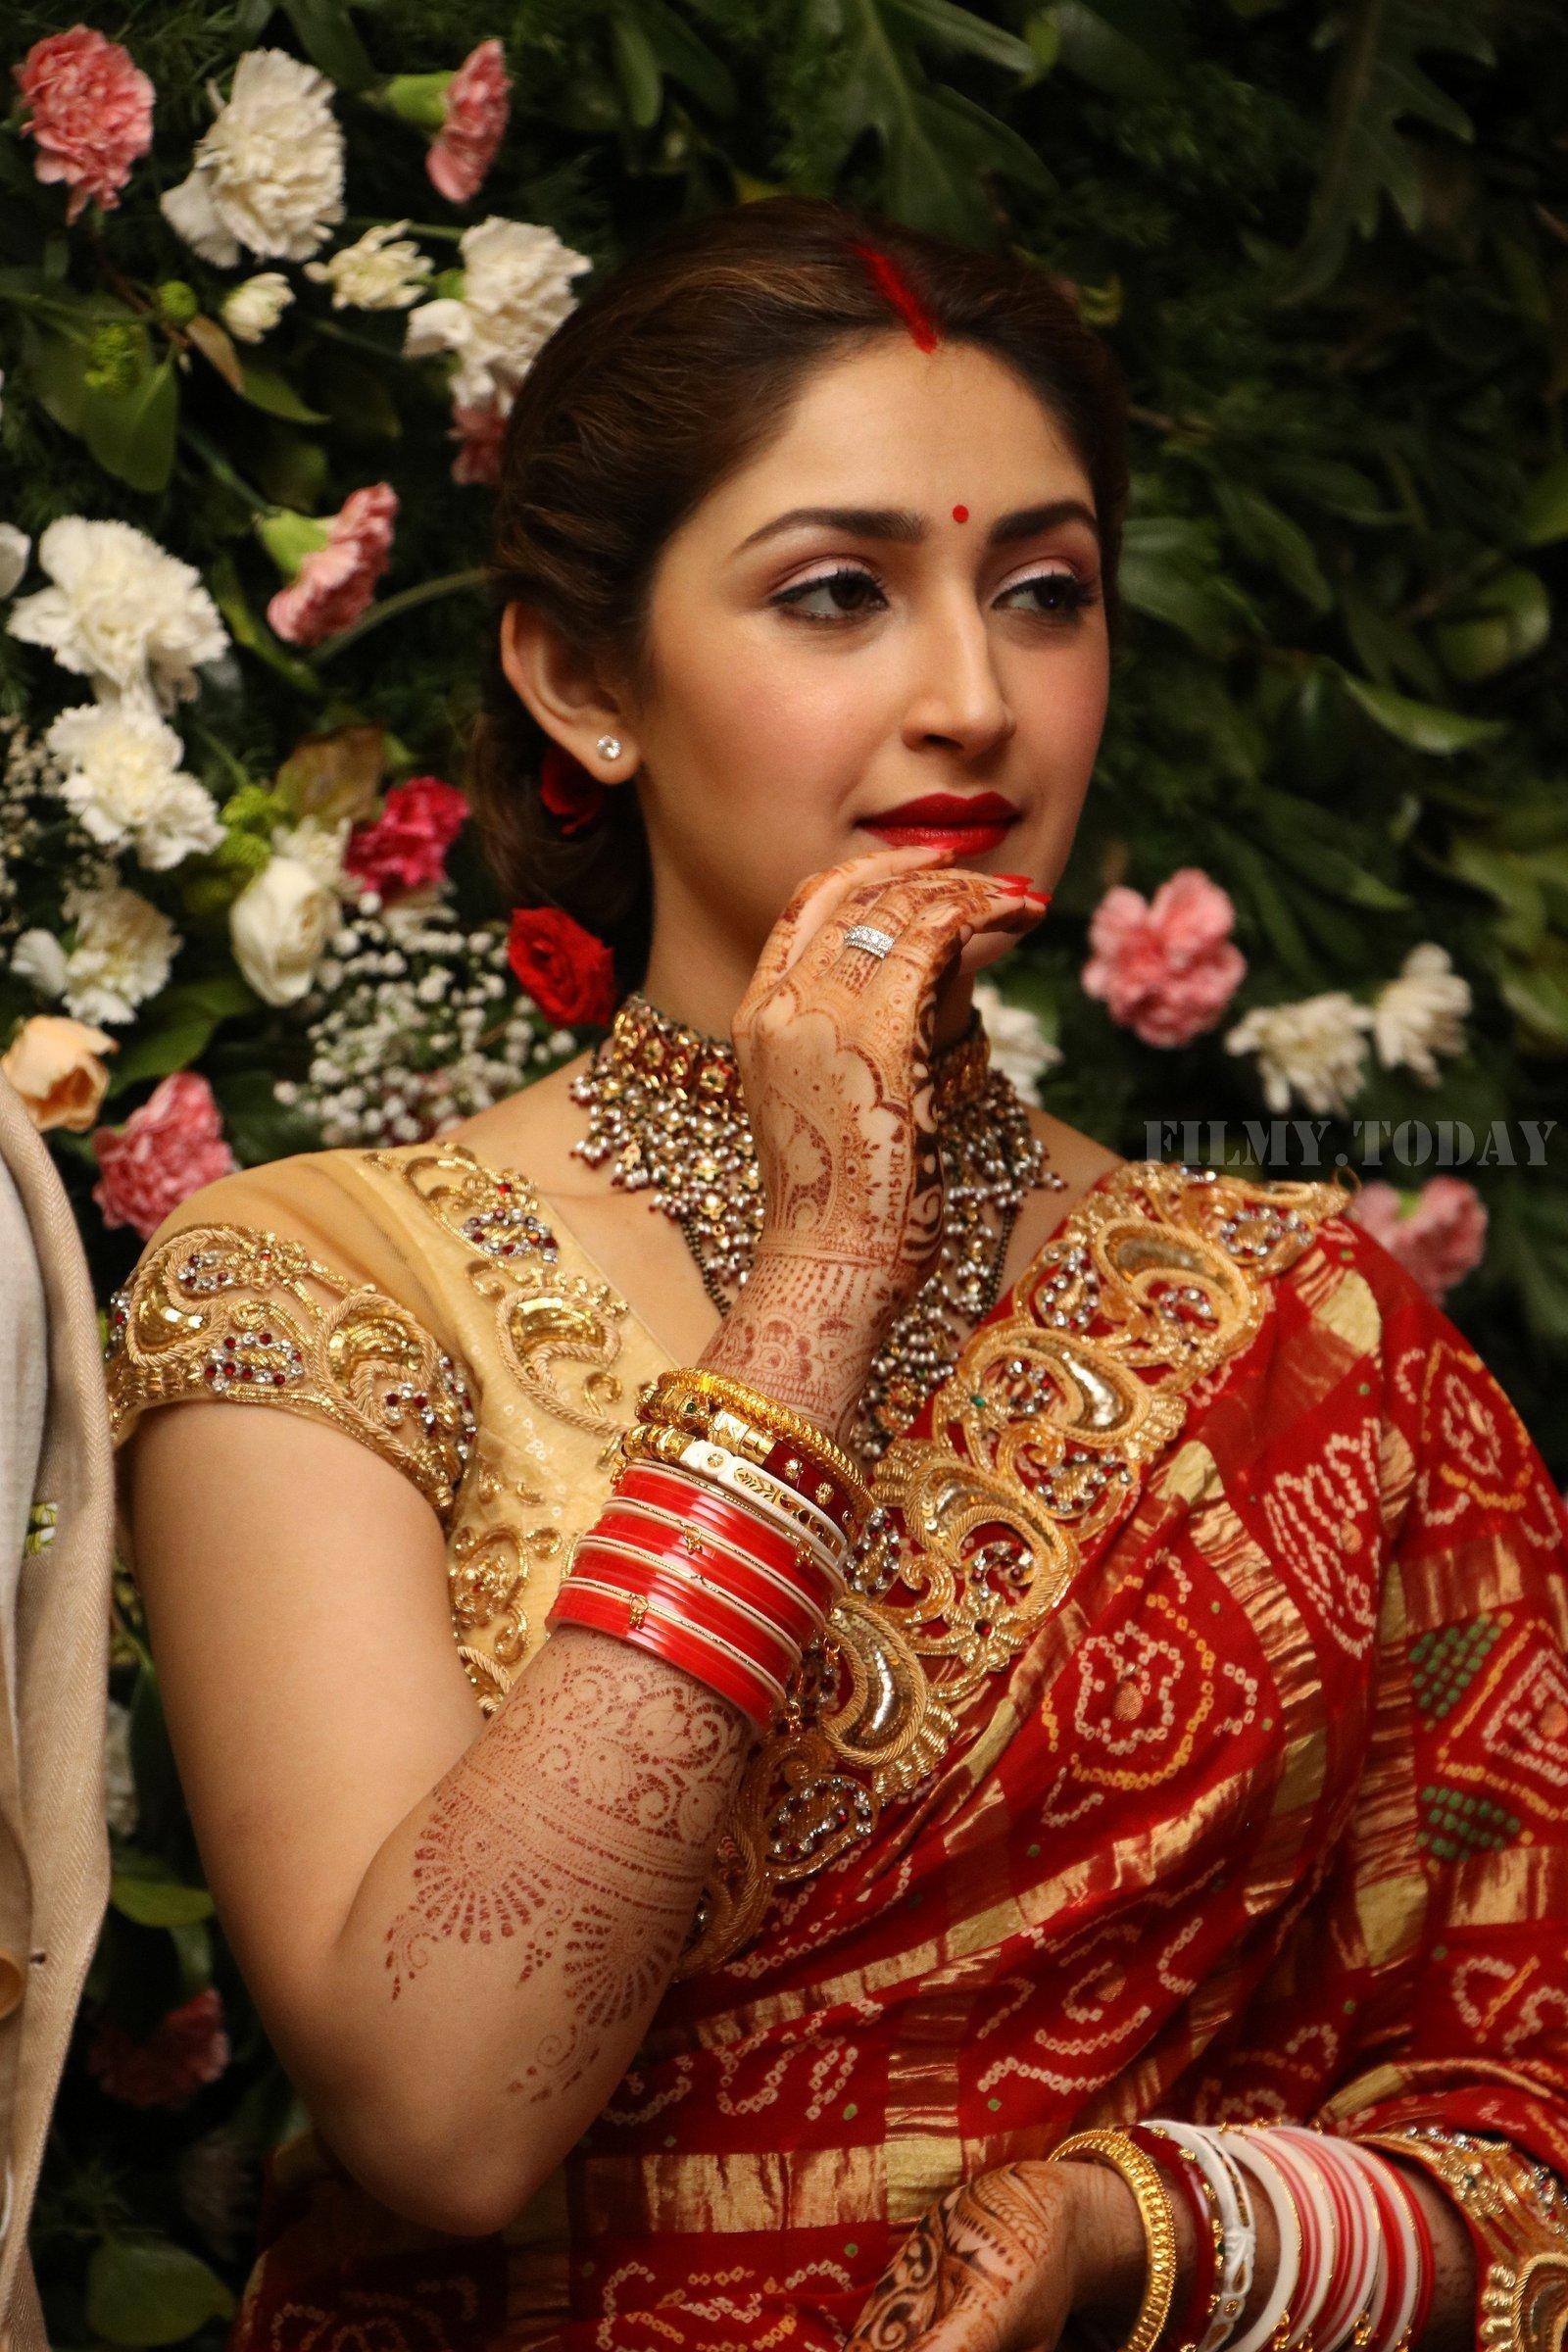 Sayyeshaa Saigal Arya And Sayesha Saigal Wedding